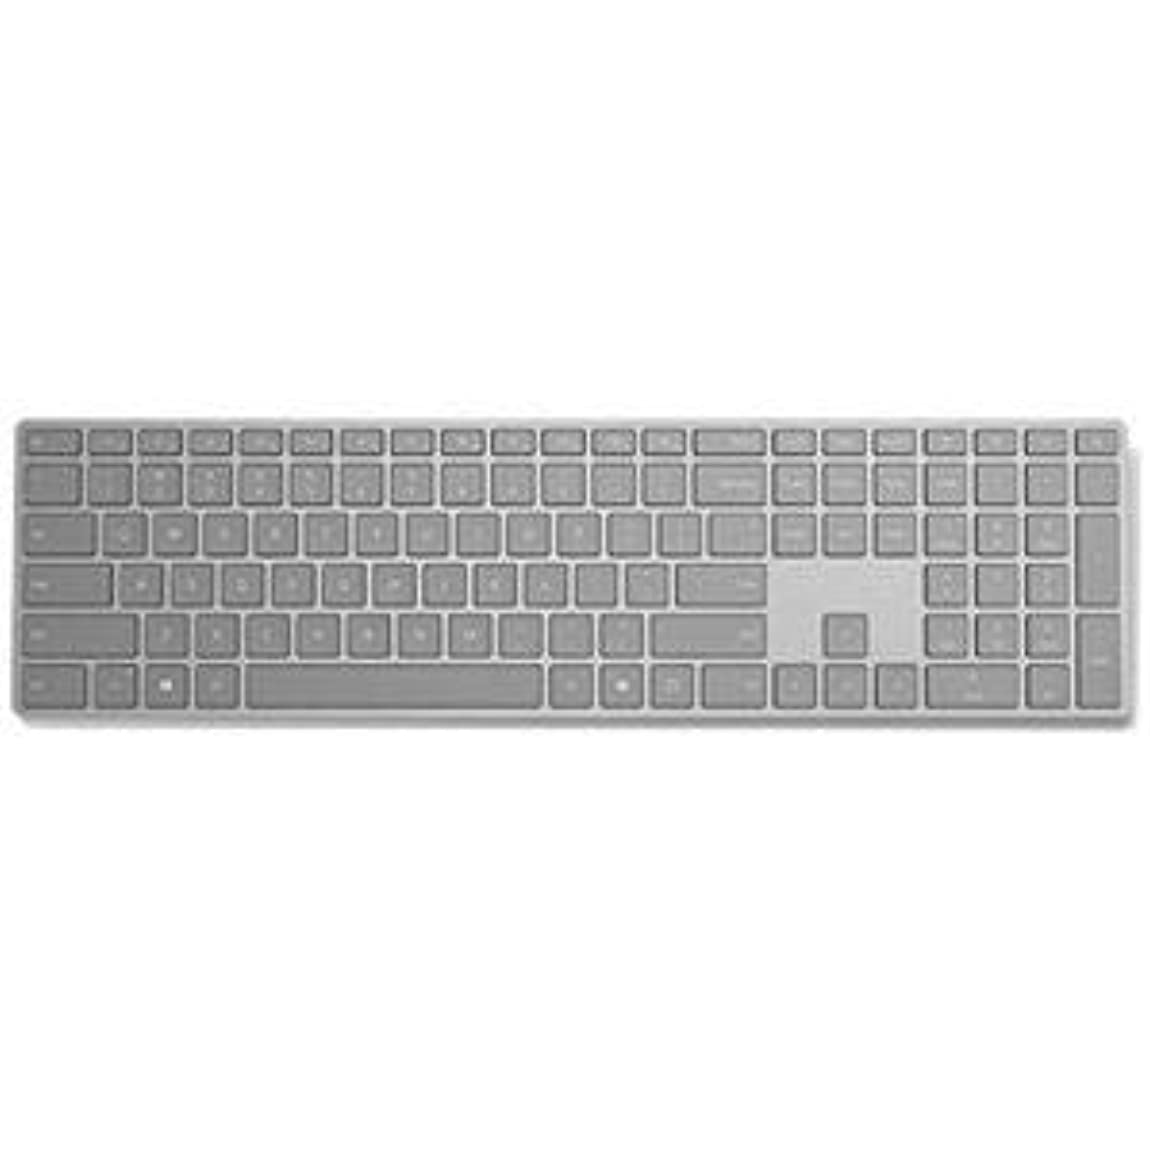 海岸一時的樫の木マイクロソフト Surfaceキーボード 英語版 3YJ-00021O 1台